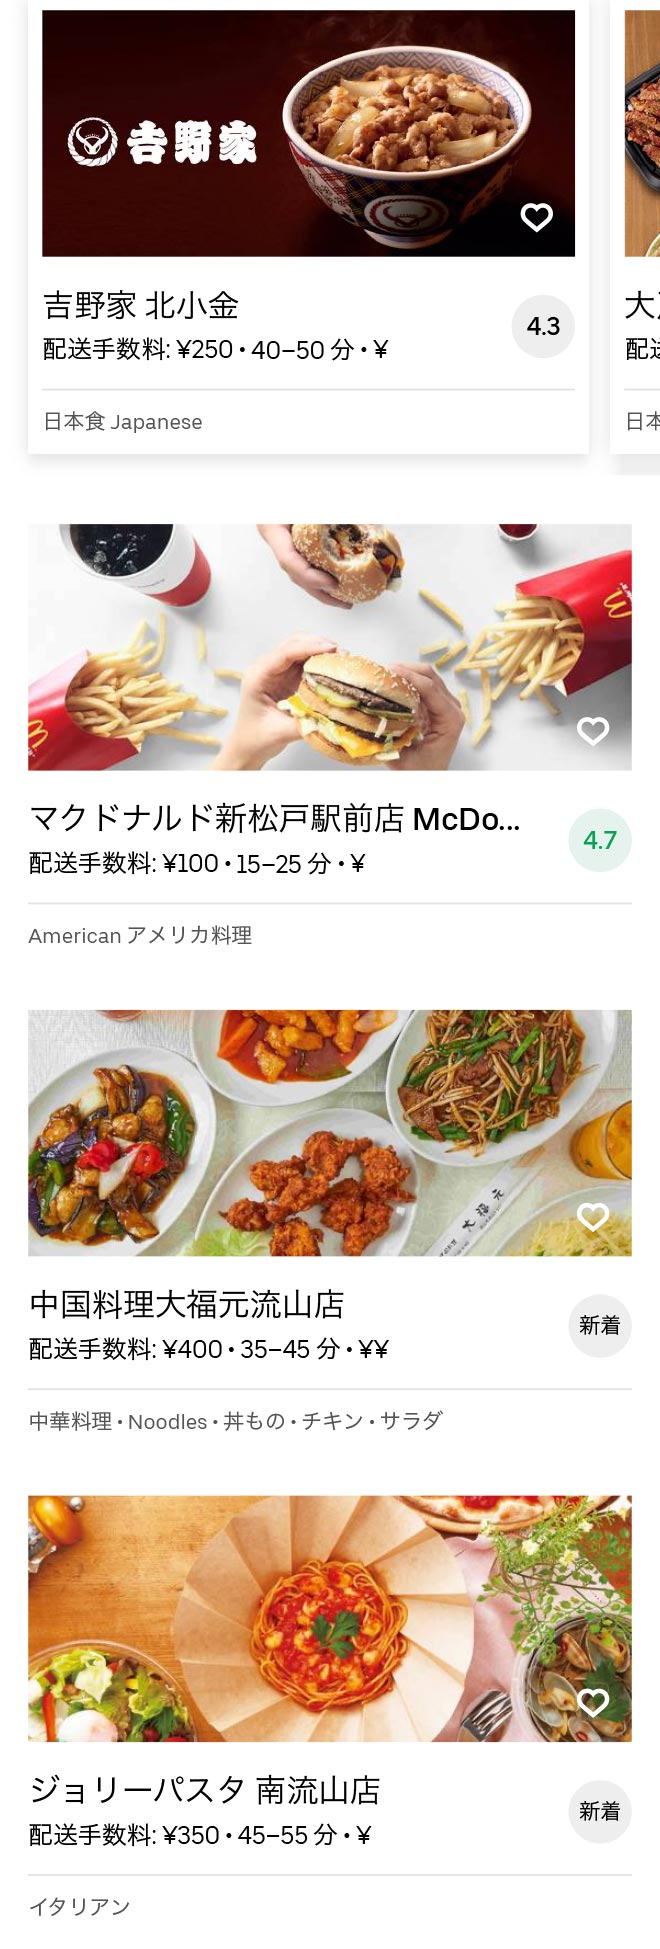 Shin matsudo menu 2007 01